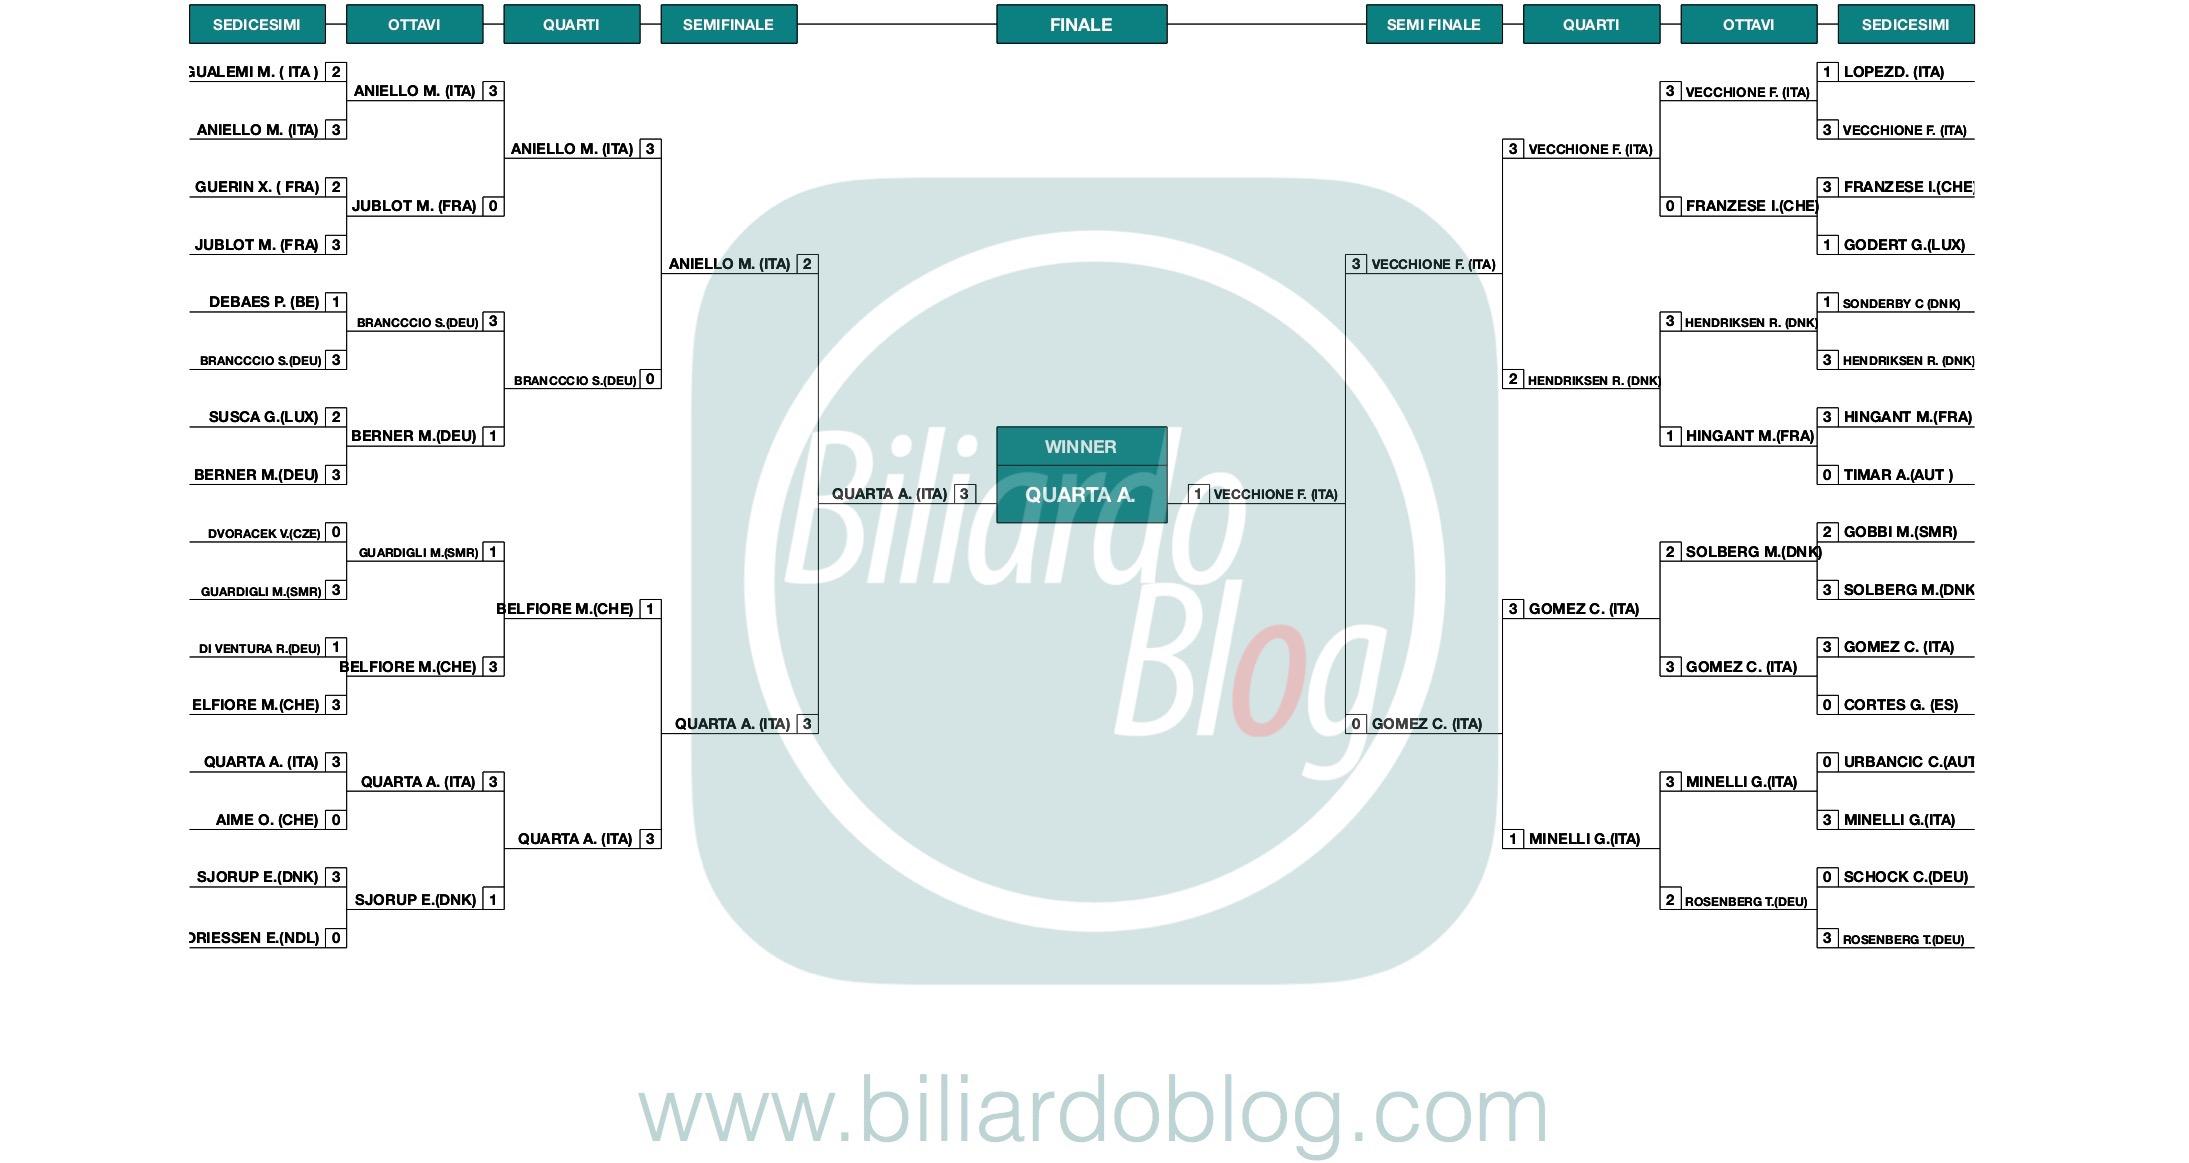 Campionato Europeo di Biliardo 5 birilli 2019: griglia Finale